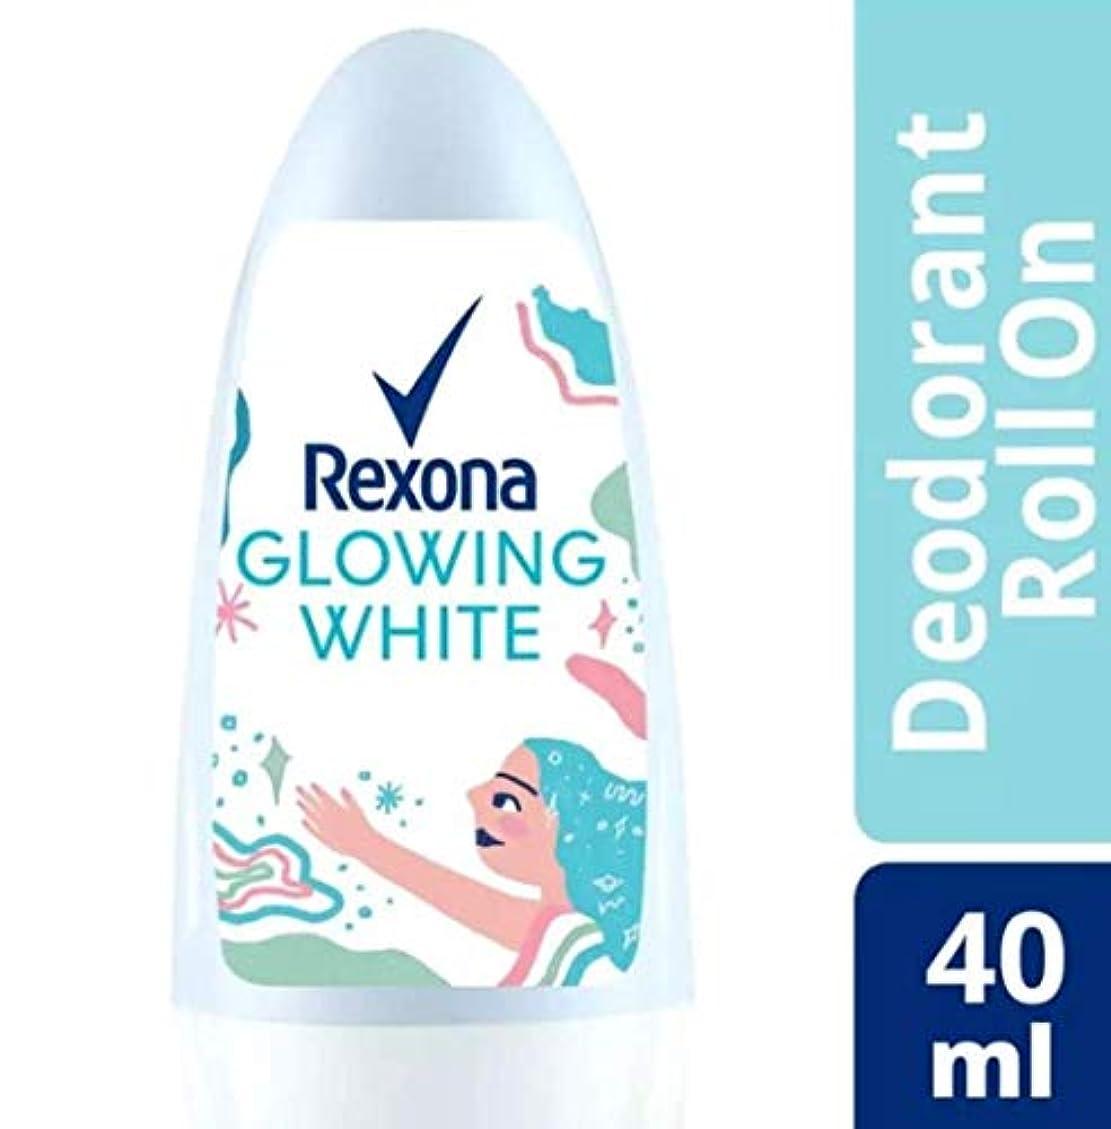 うなる南西速報Rexona レクソナ woman 制汗 デオドラント ロールオン GROWING WHITE【アルコール 0%】 ソフトなバラの香り 40ml [並行輸入品]